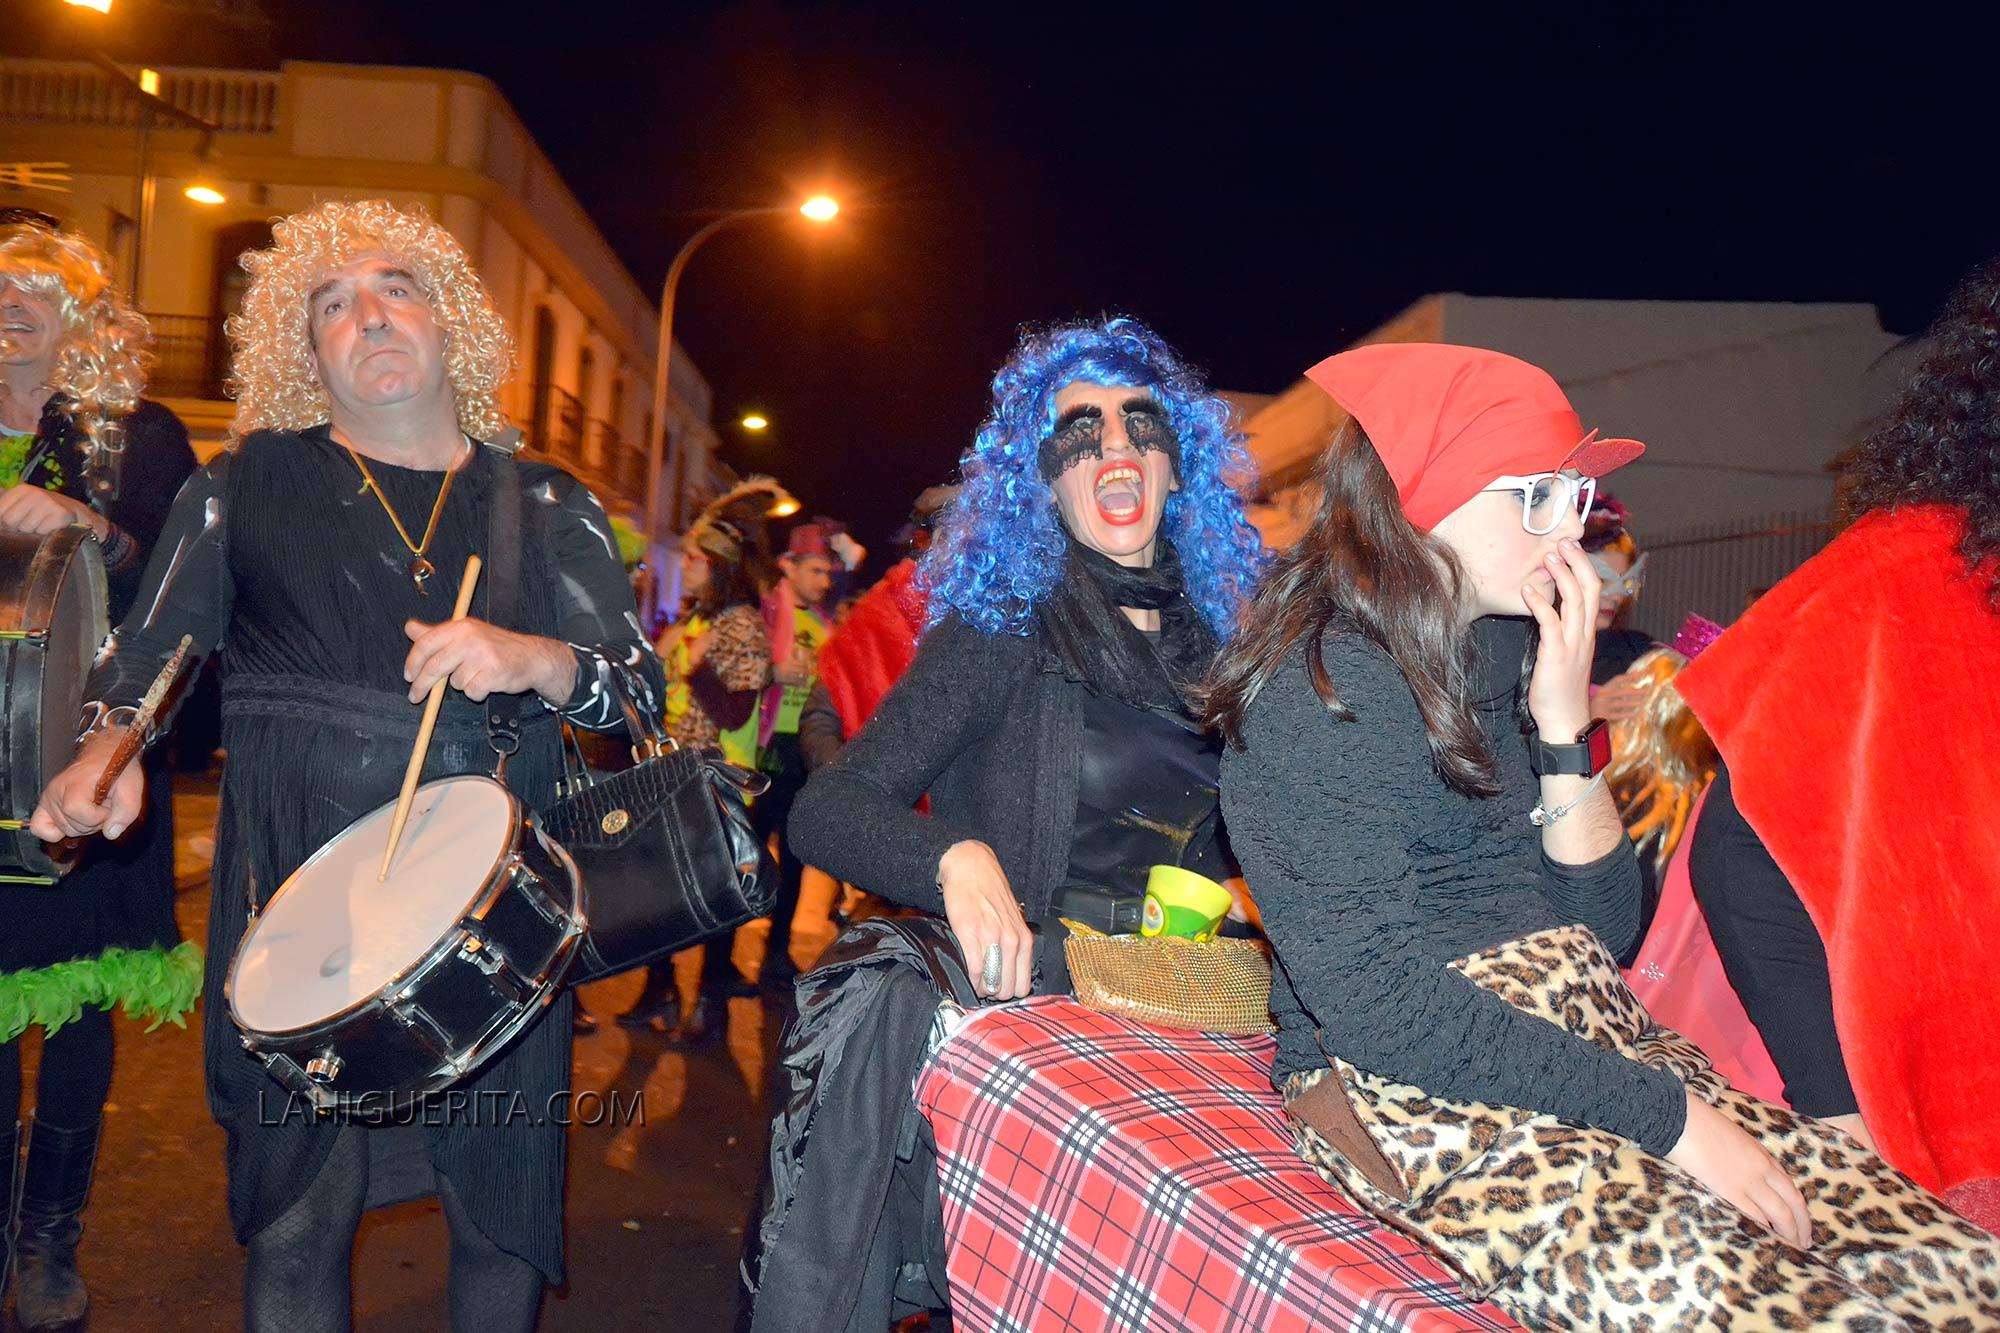 Entierro de la sardina carnaval isla cristina _DSC2298